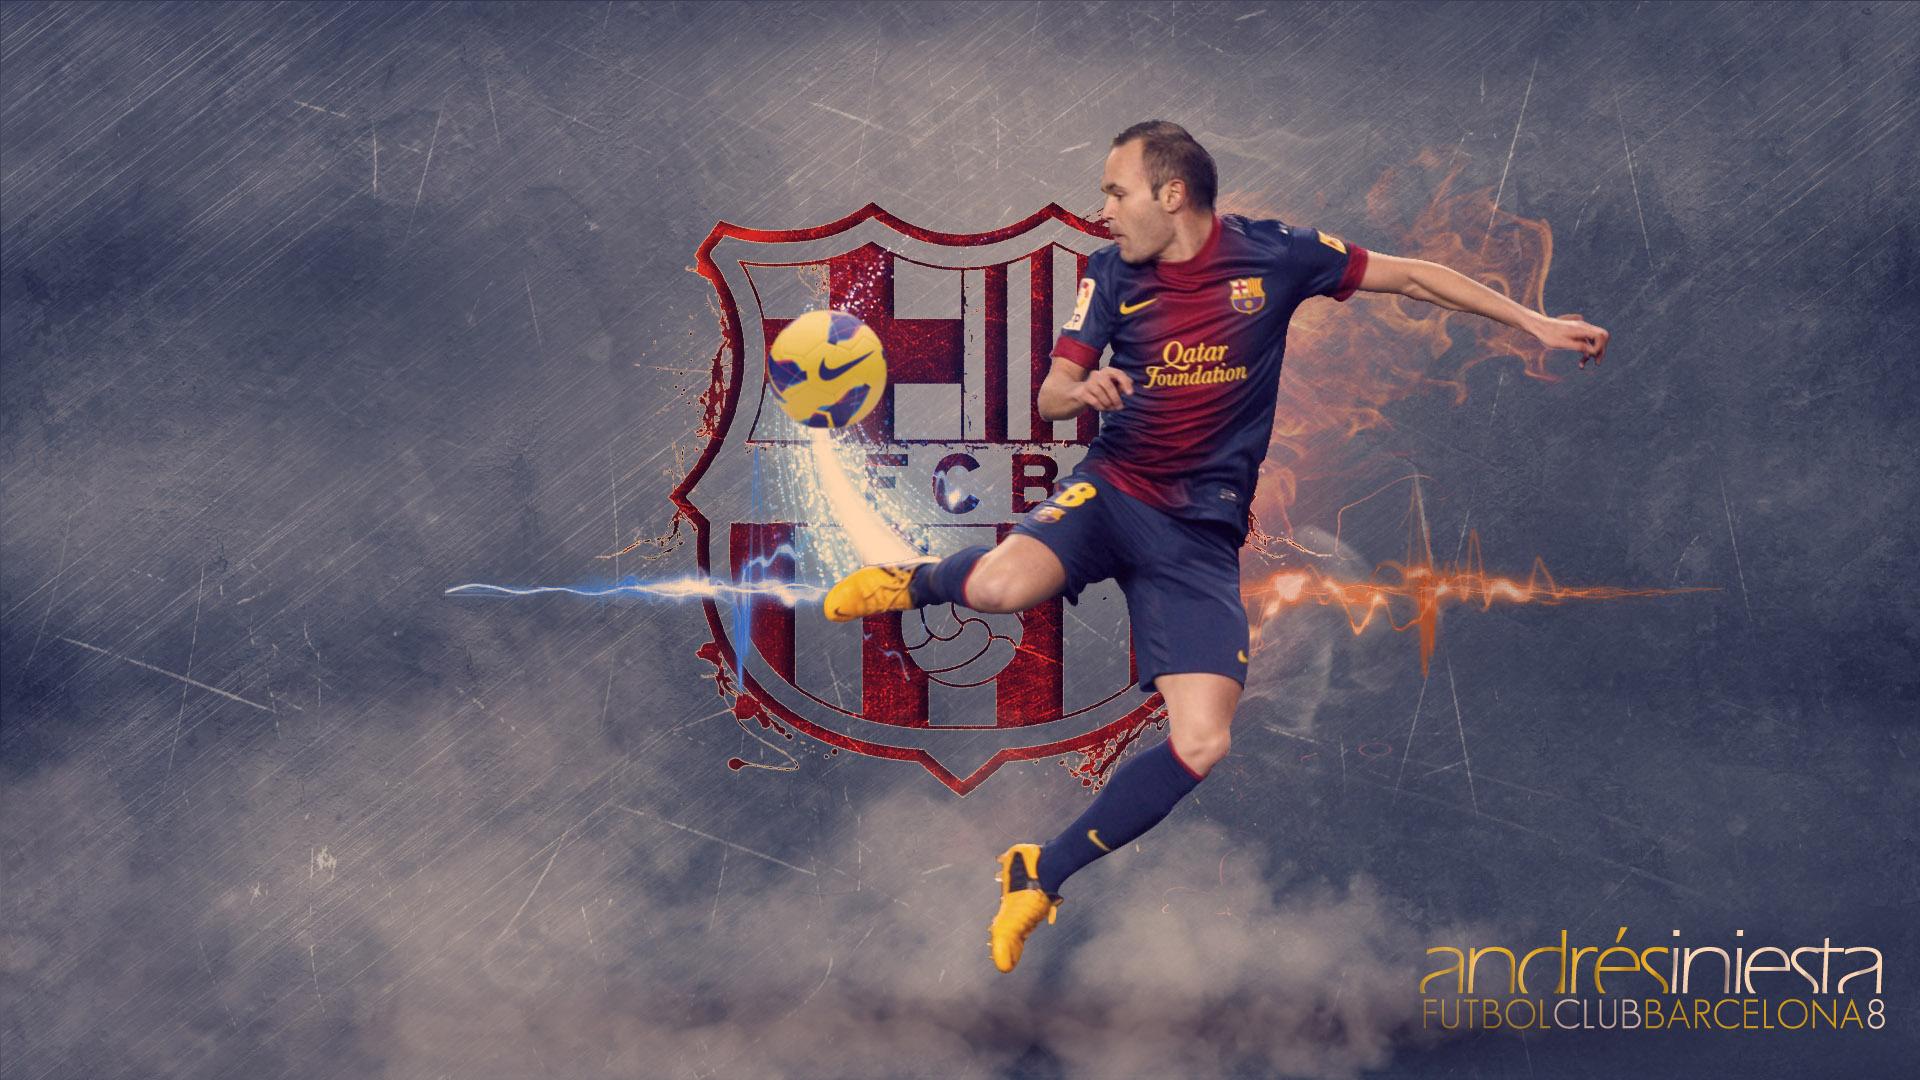 Картинки Барселоны футбола - самые прикольные и красивые 7